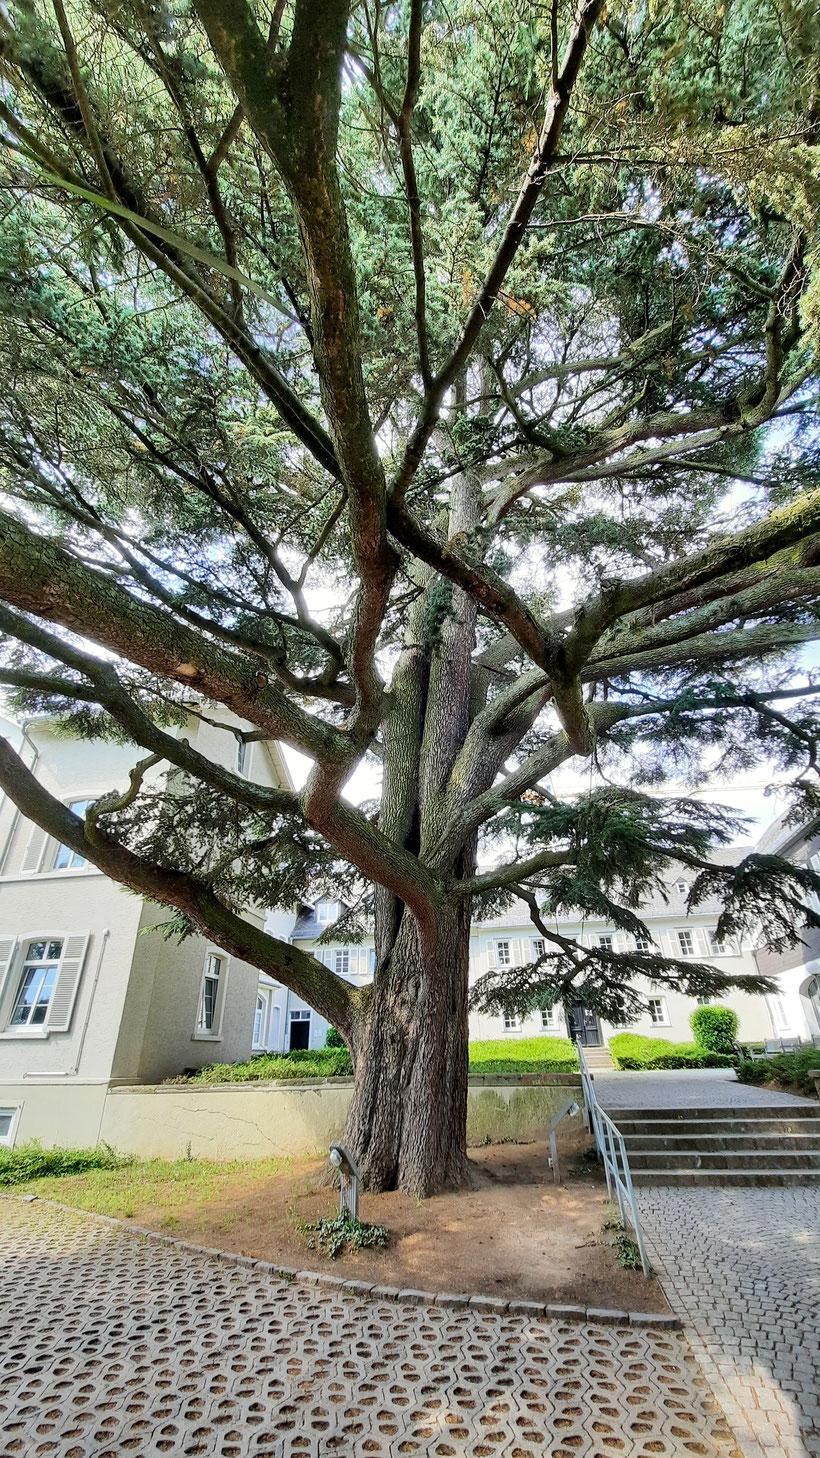 Libanon-Zeder Wiesbaden Zeder Libanon Bäume